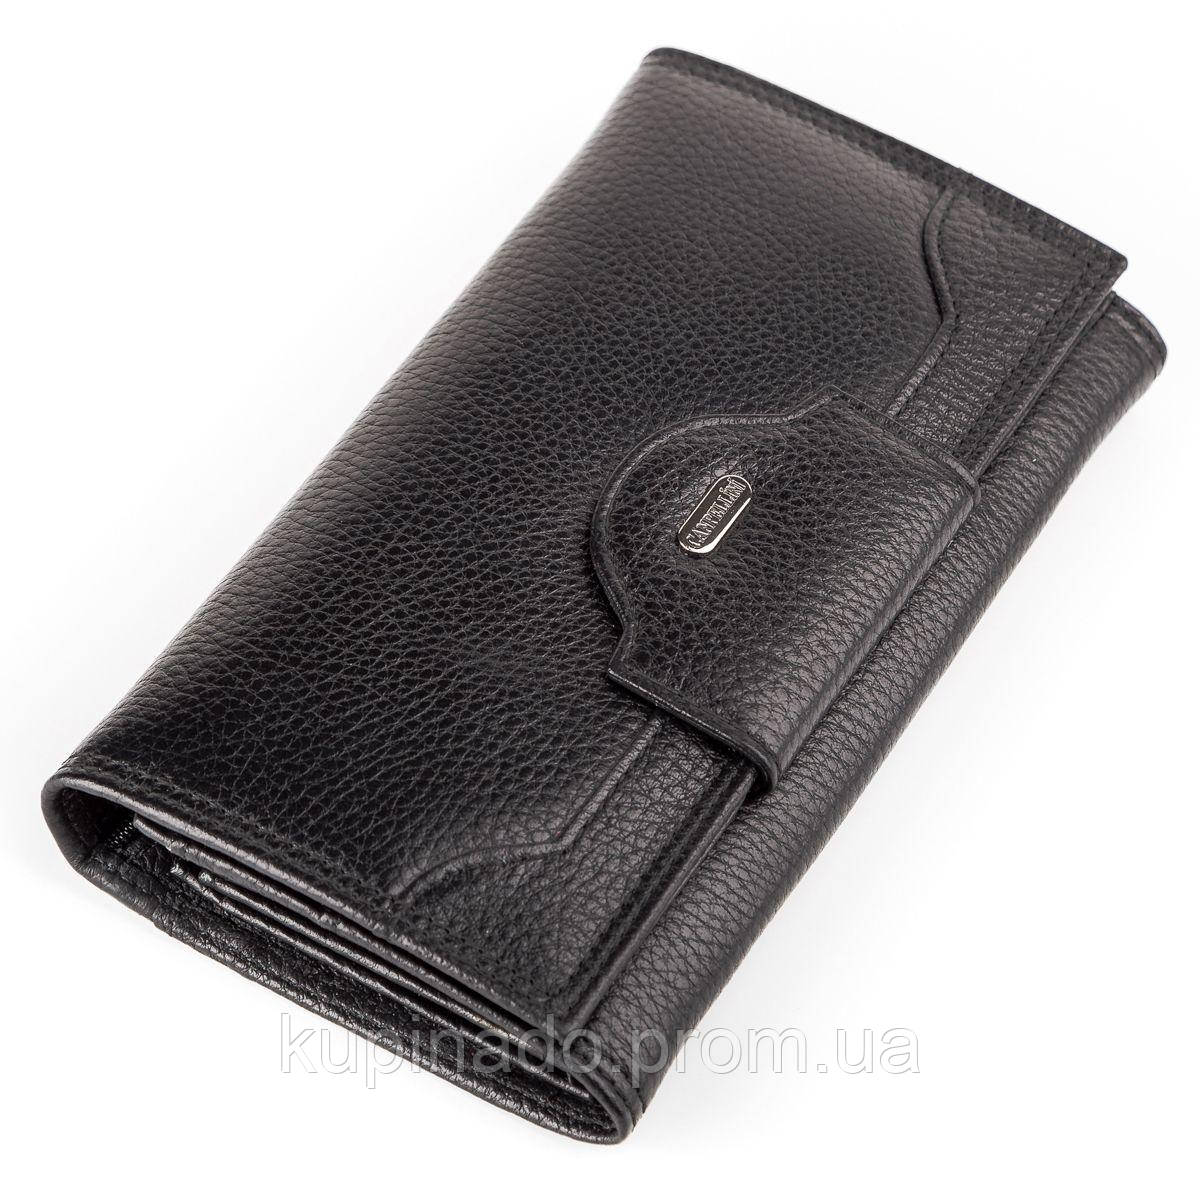 Кошелек женский CANPELLINI 17047 кожаный Черный, Черный